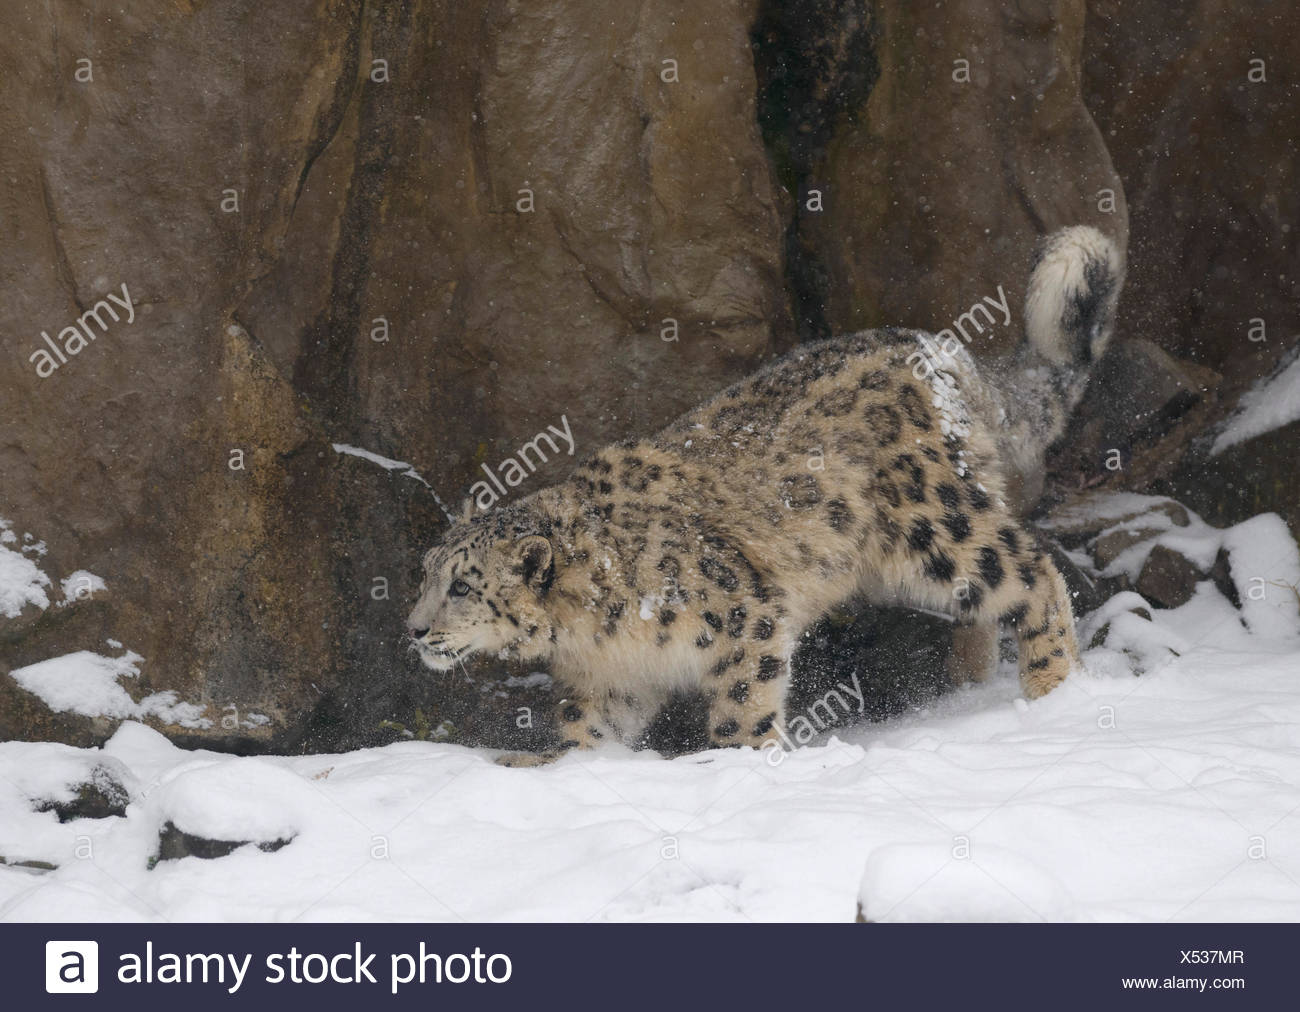 Schneeleopard, Irbis, Panthera uncia, captive, sich anschleichend, - Stock Image